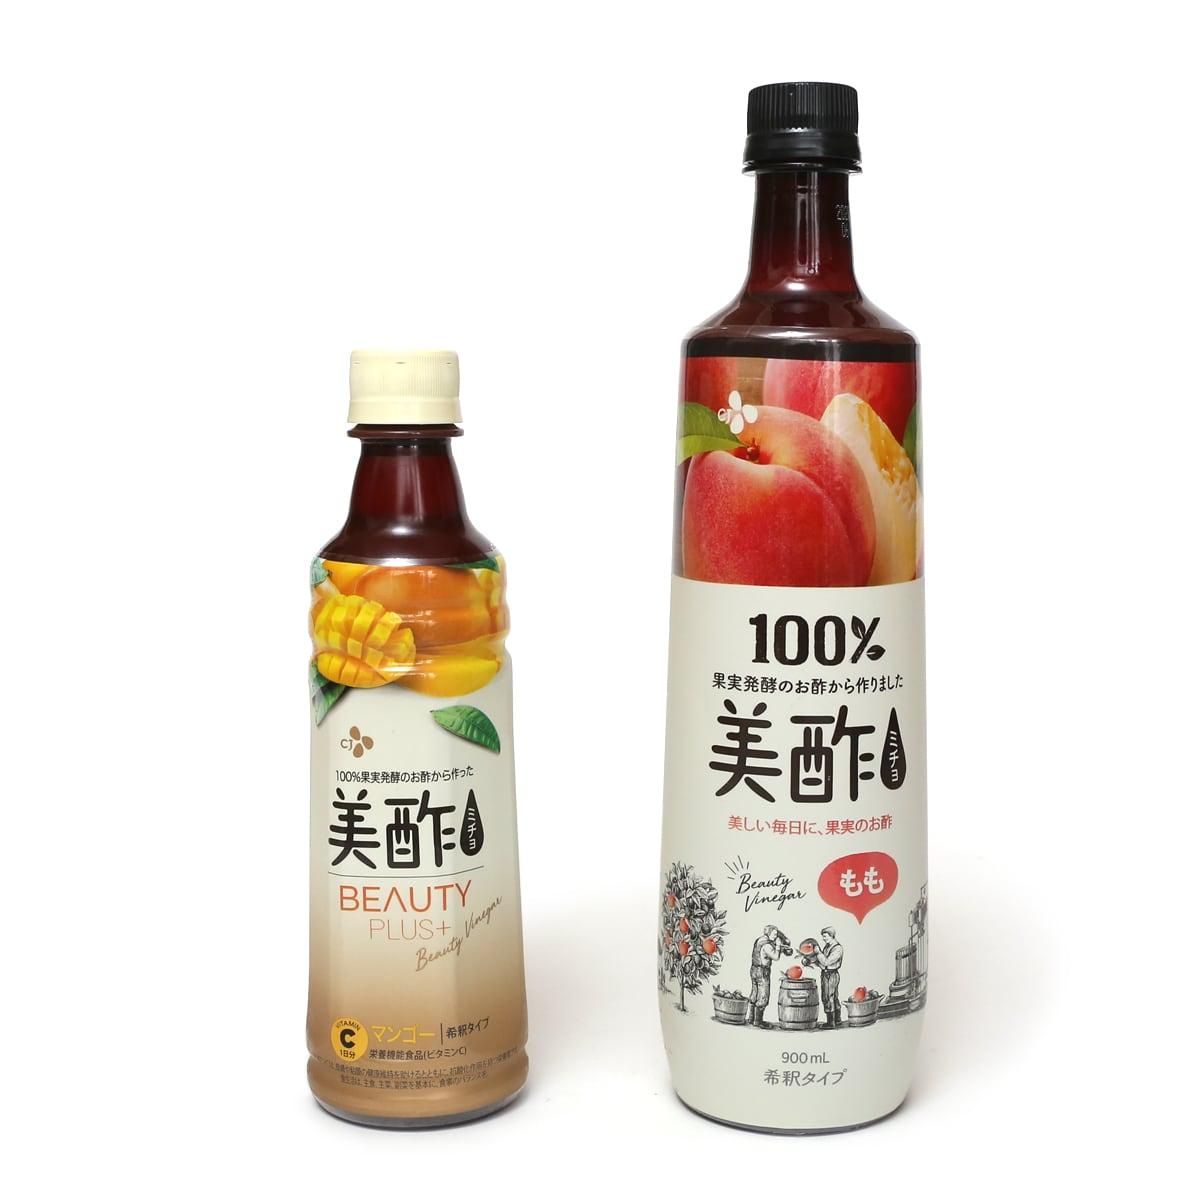 美酢(ミチョ)ビューティープラス マンゴー 400ml 通常のミチョとの比較